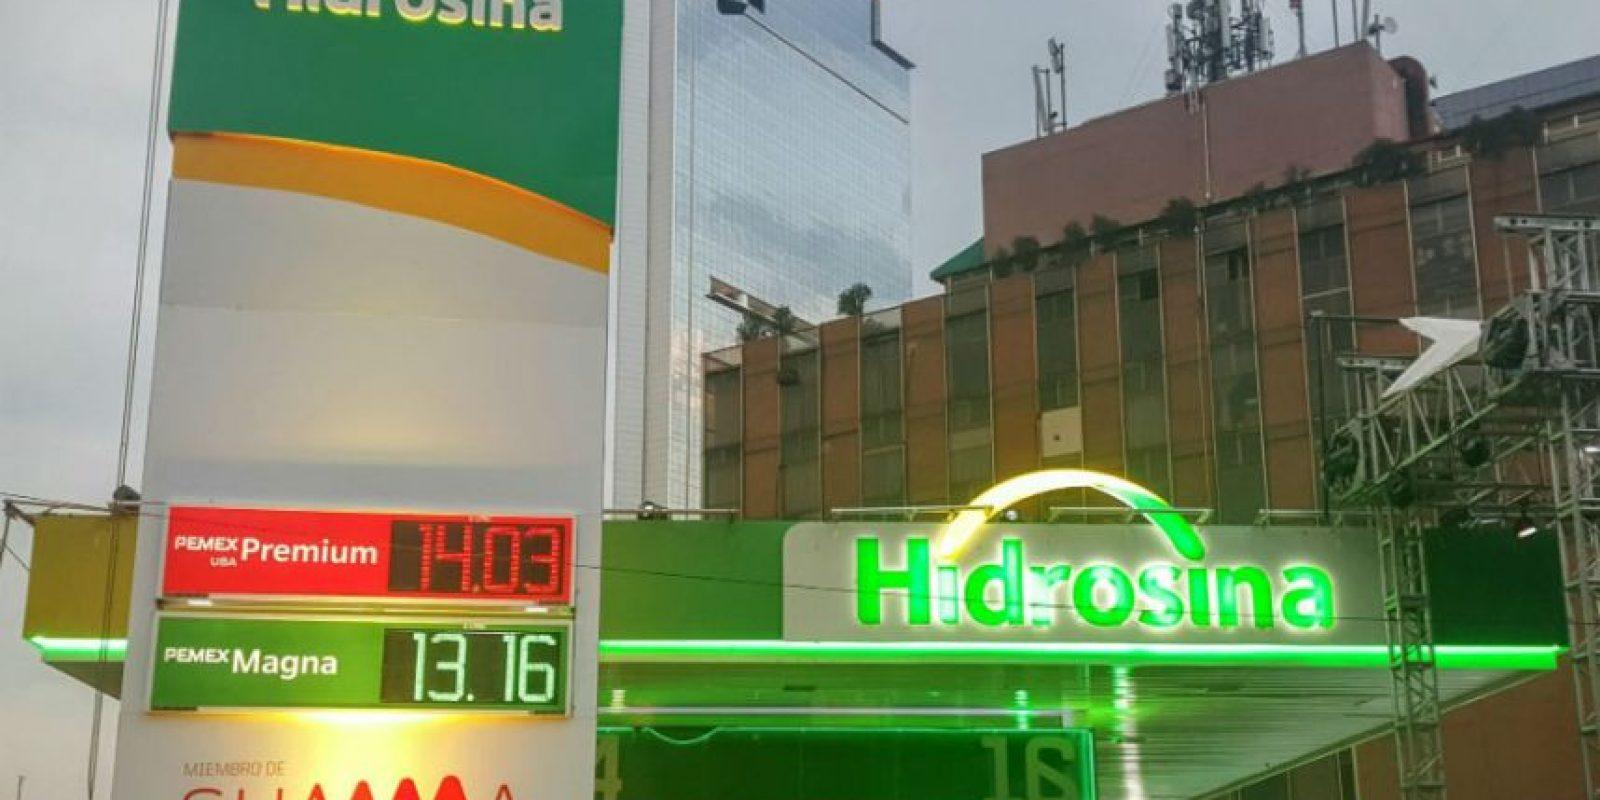 El cambio de imagen podrá realizarse por cada grupo gasolinero en un máximo de 20% de sus estaciones por región. Foto:Twitter Club Premier